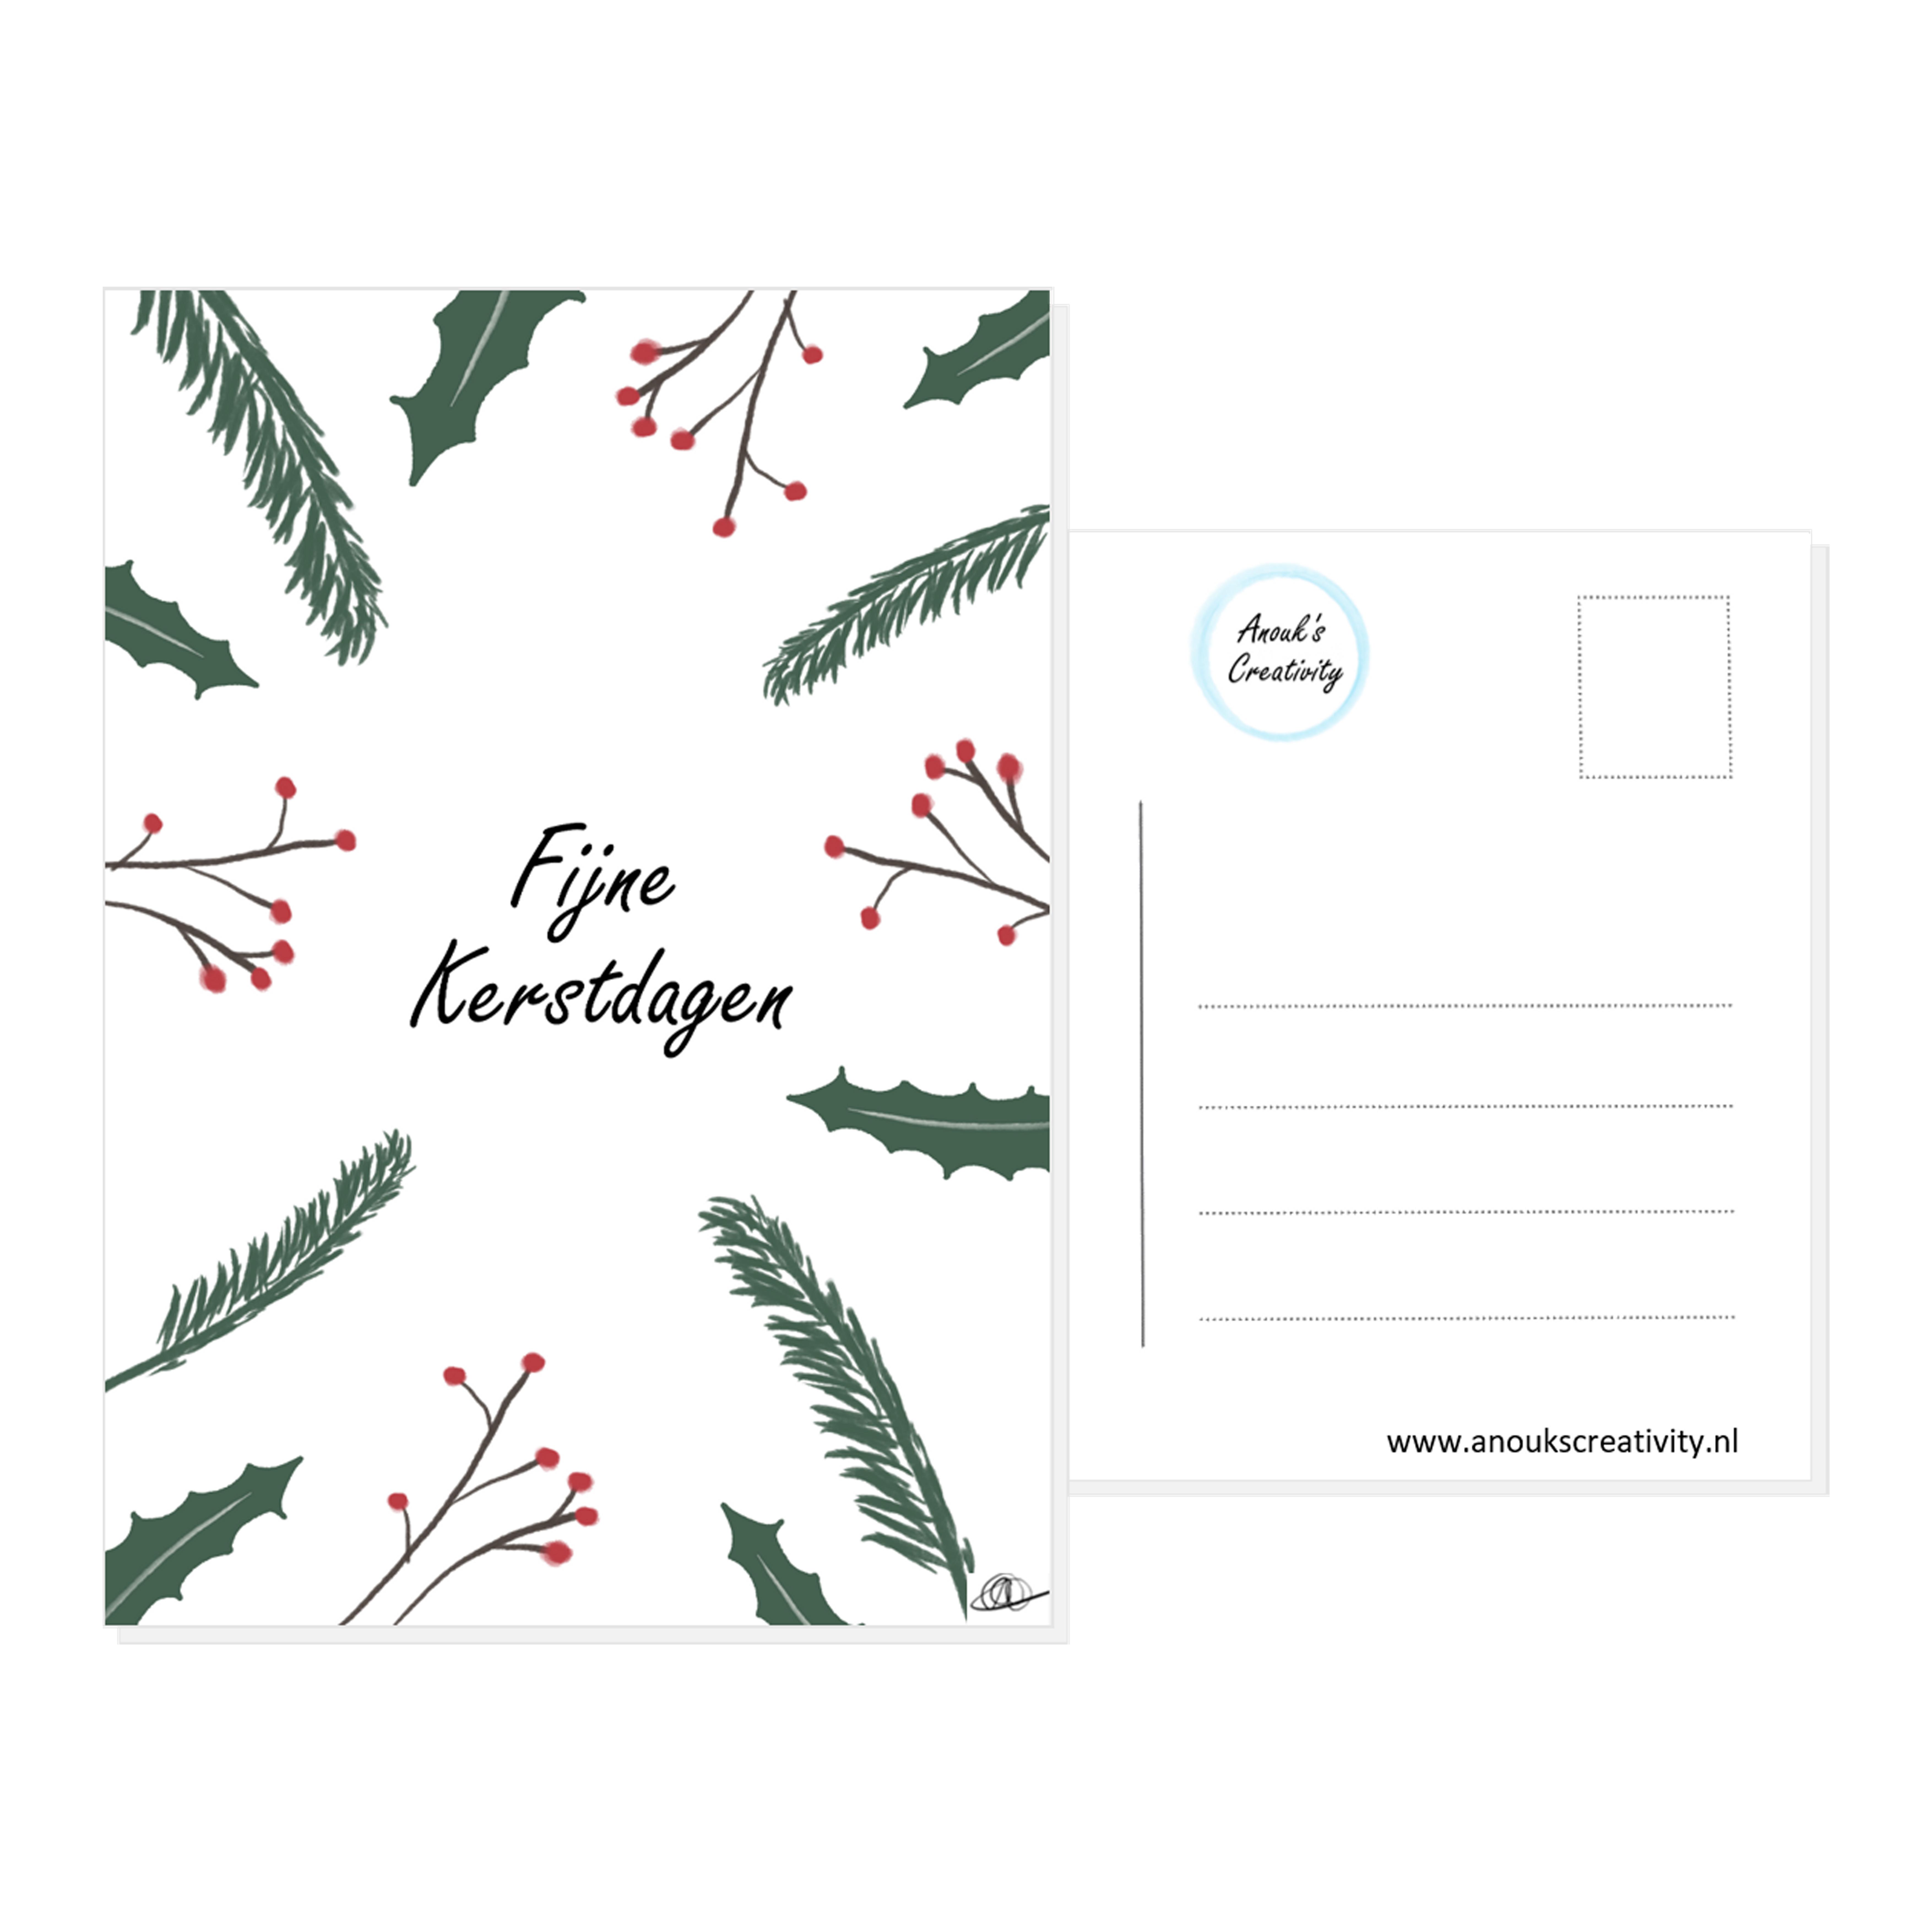 """Ansichtkaart fijne kerstdagen. Ansichtkaart met de tekst """"Fijne Kerstdagen"""" en handgemaakte illustraties van kerstboom takjes, hulst takjes en takjes met rode besjes. De achterkant van de ansichtkaart is ook te zien, daarop staan lijntjes voor het adres en is er plaats voor een postzegel."""